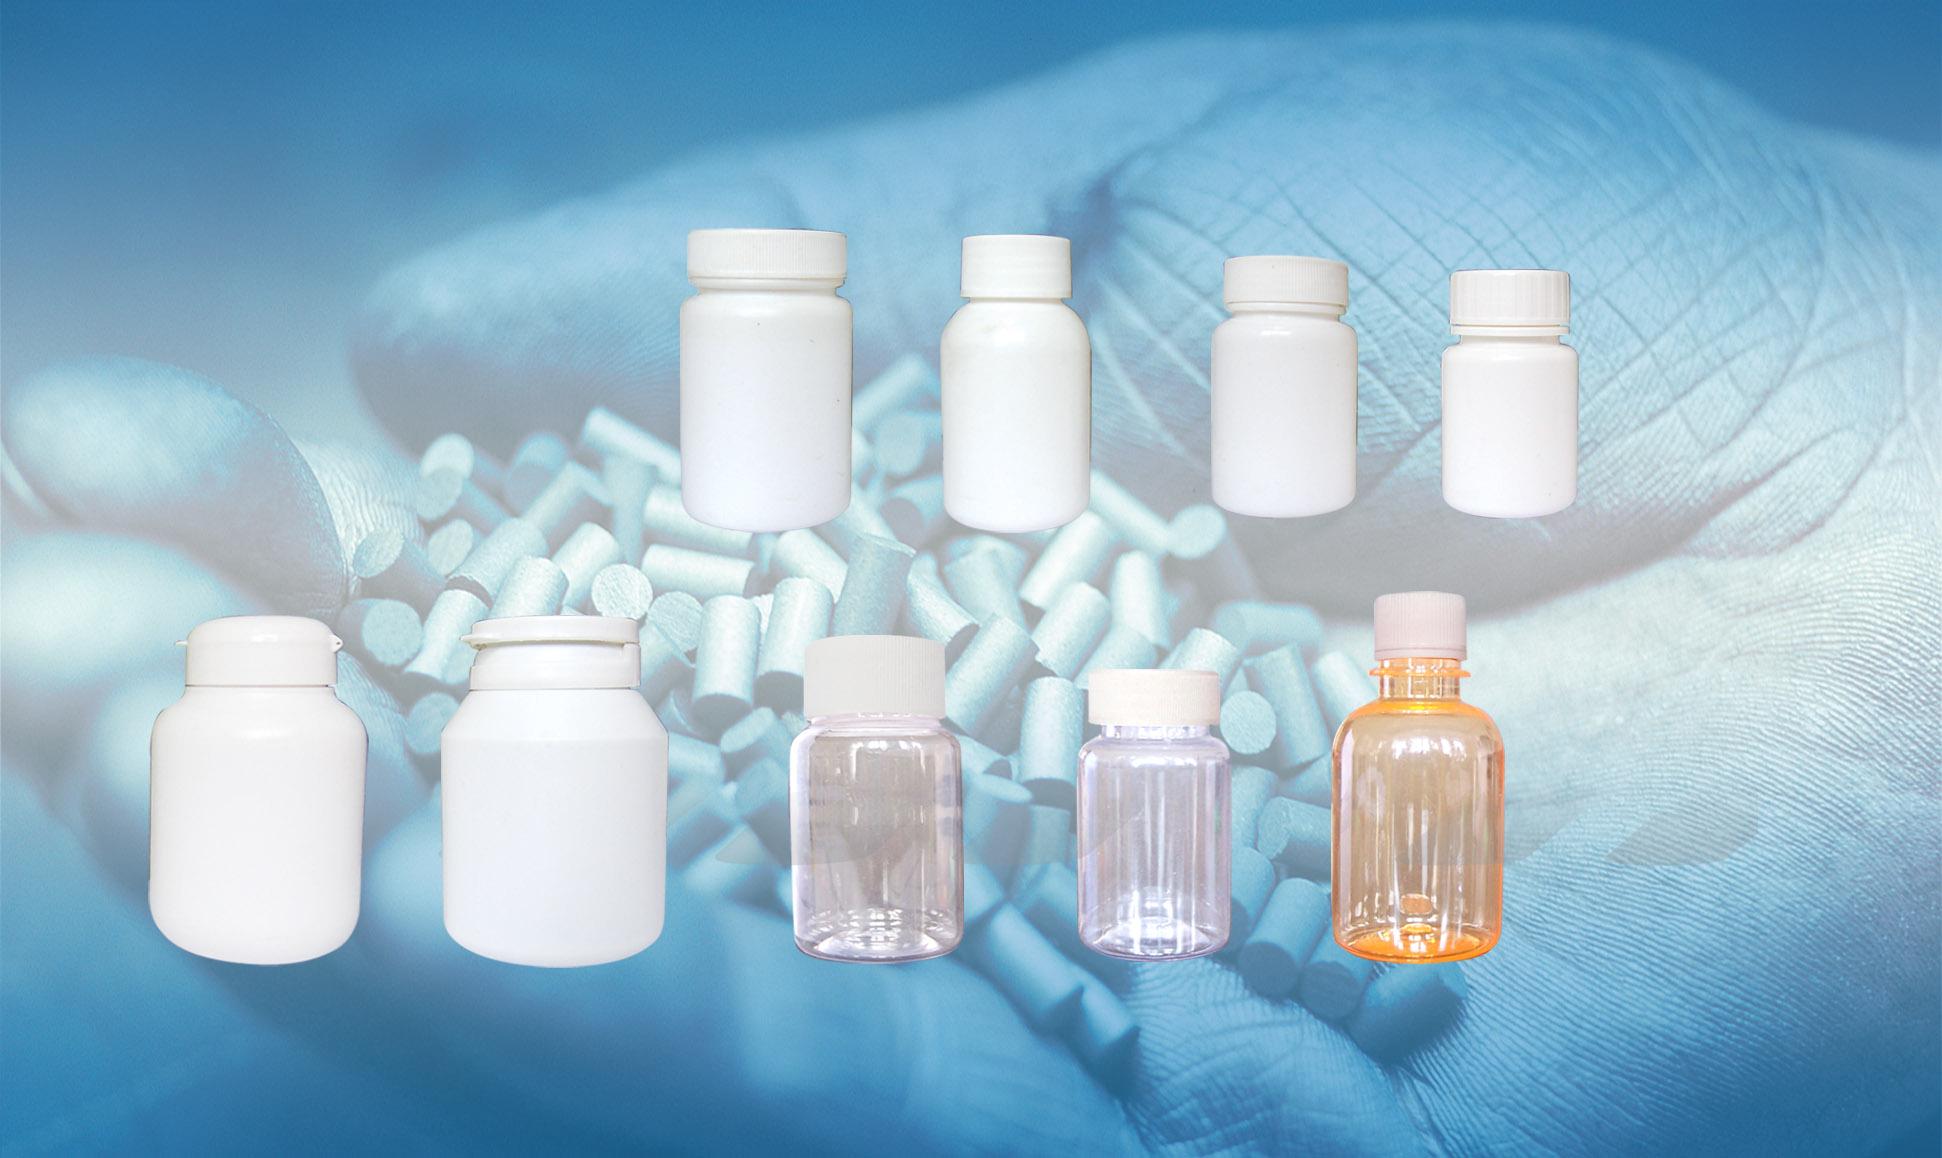 药用塑料瓶以独有特色占据塑料包装市场一角